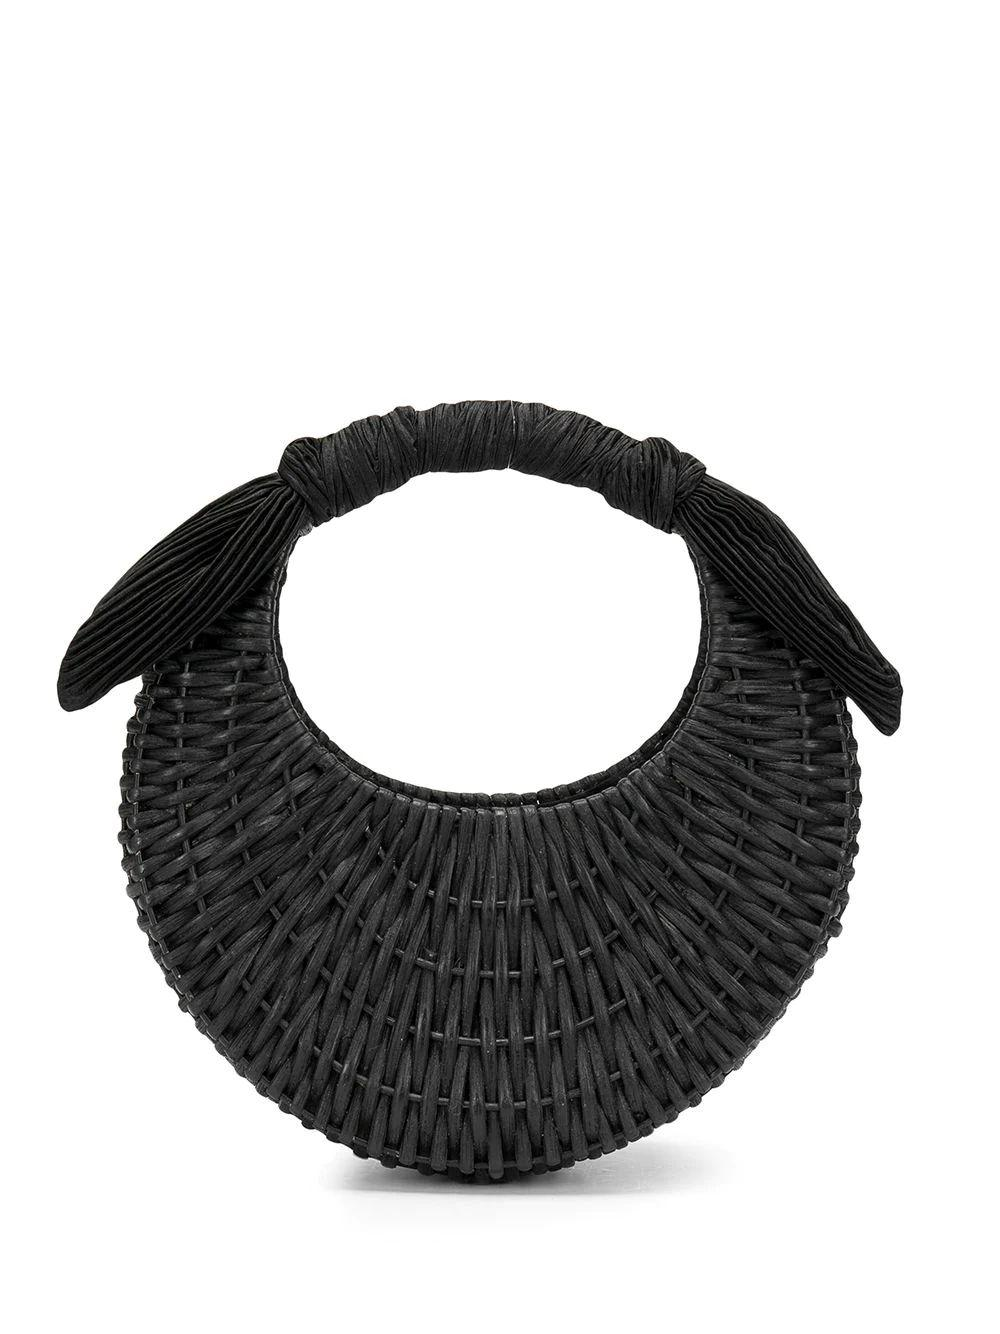 Taja Mini Basket Tote Item # TH1915RT